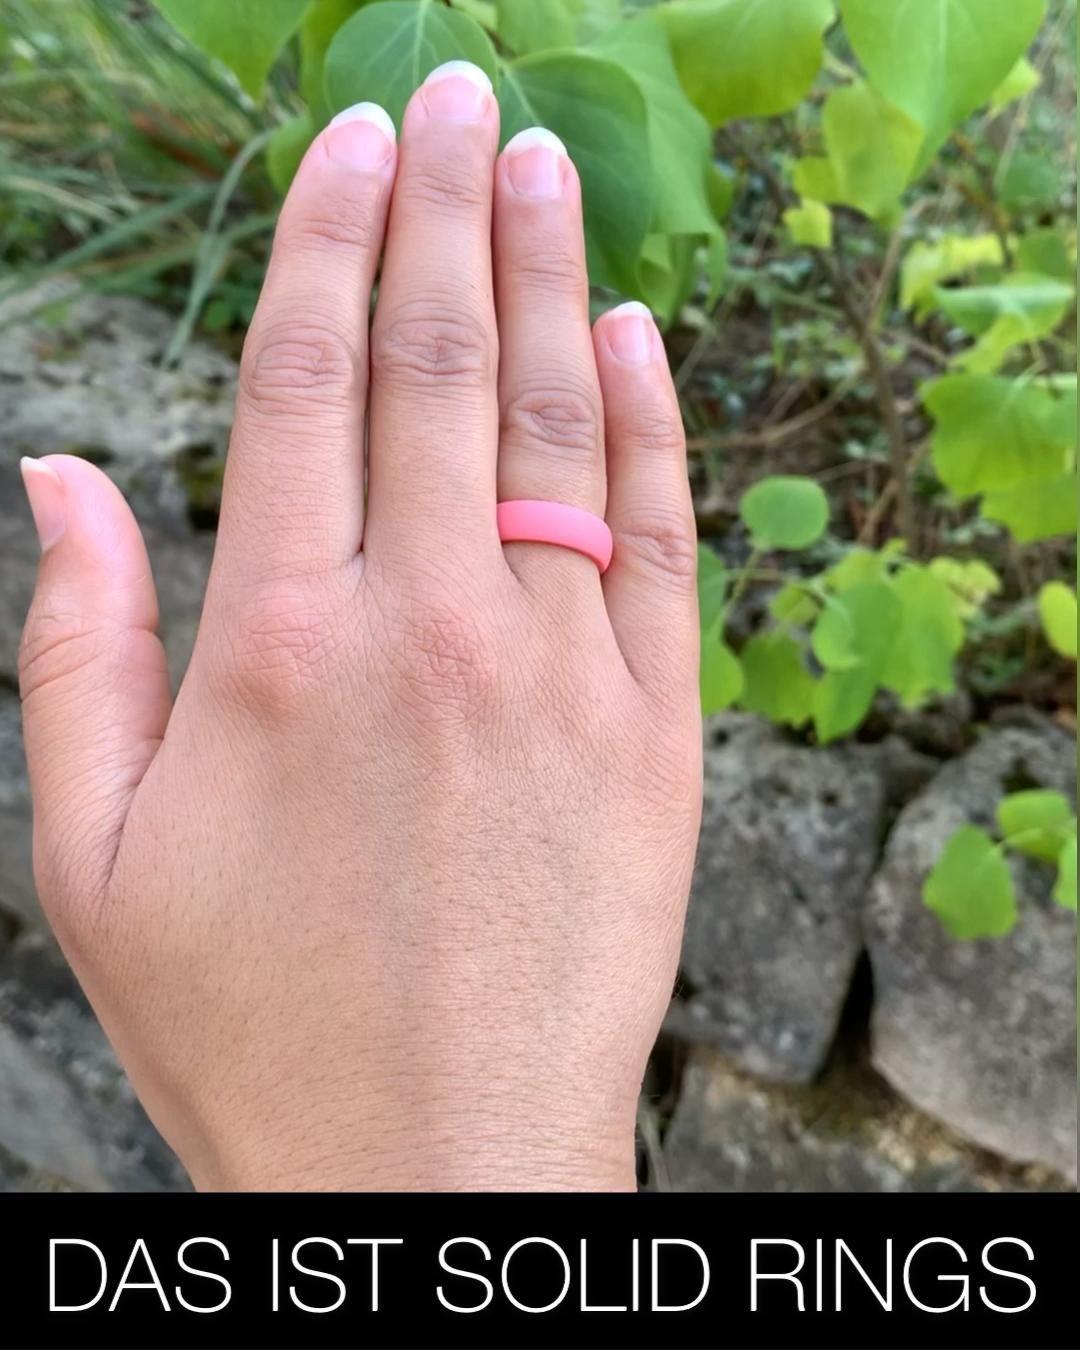 Du brauchst einen Ring, der für alles bereit ist! Bequem, flexibel und bezahlbar!